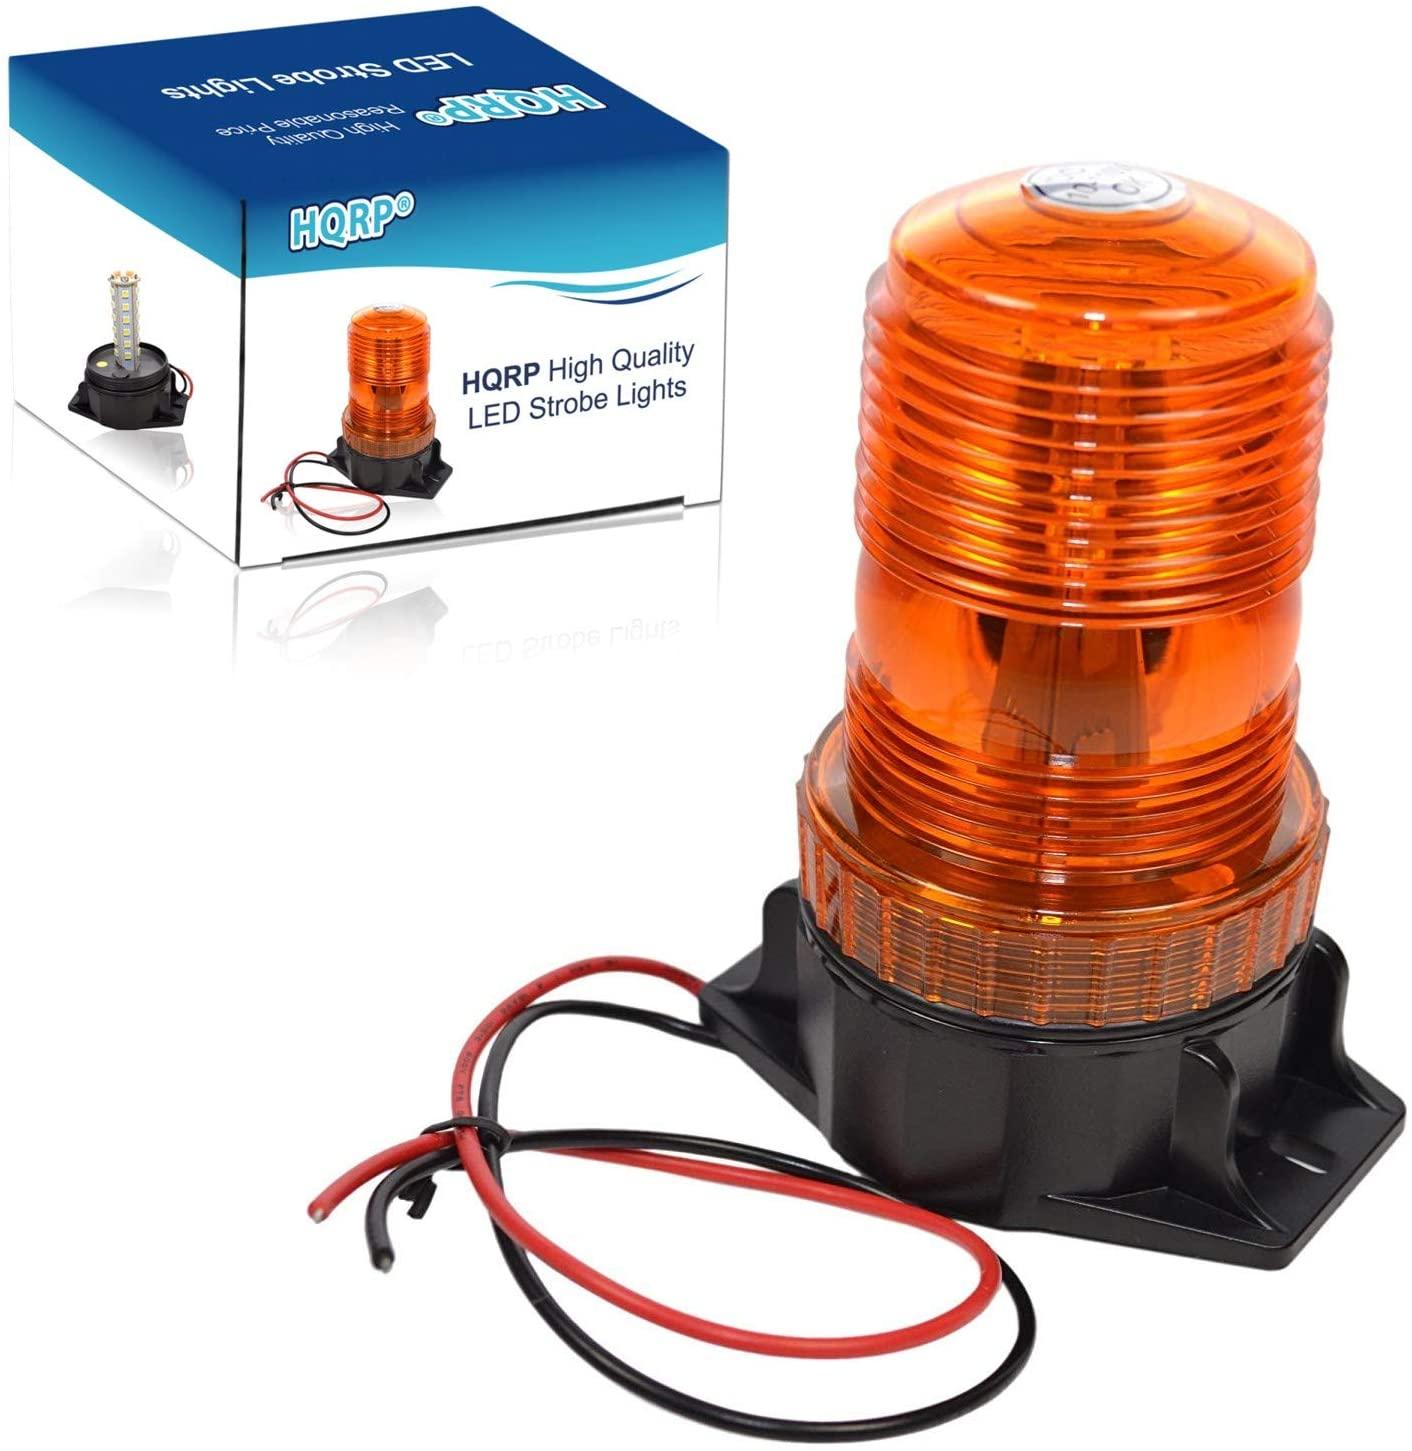 HQRP 360 Degrees 12-100V 30-LED Strobe Light Amber Mini Beacon for Safety Work & Maximum Visibility